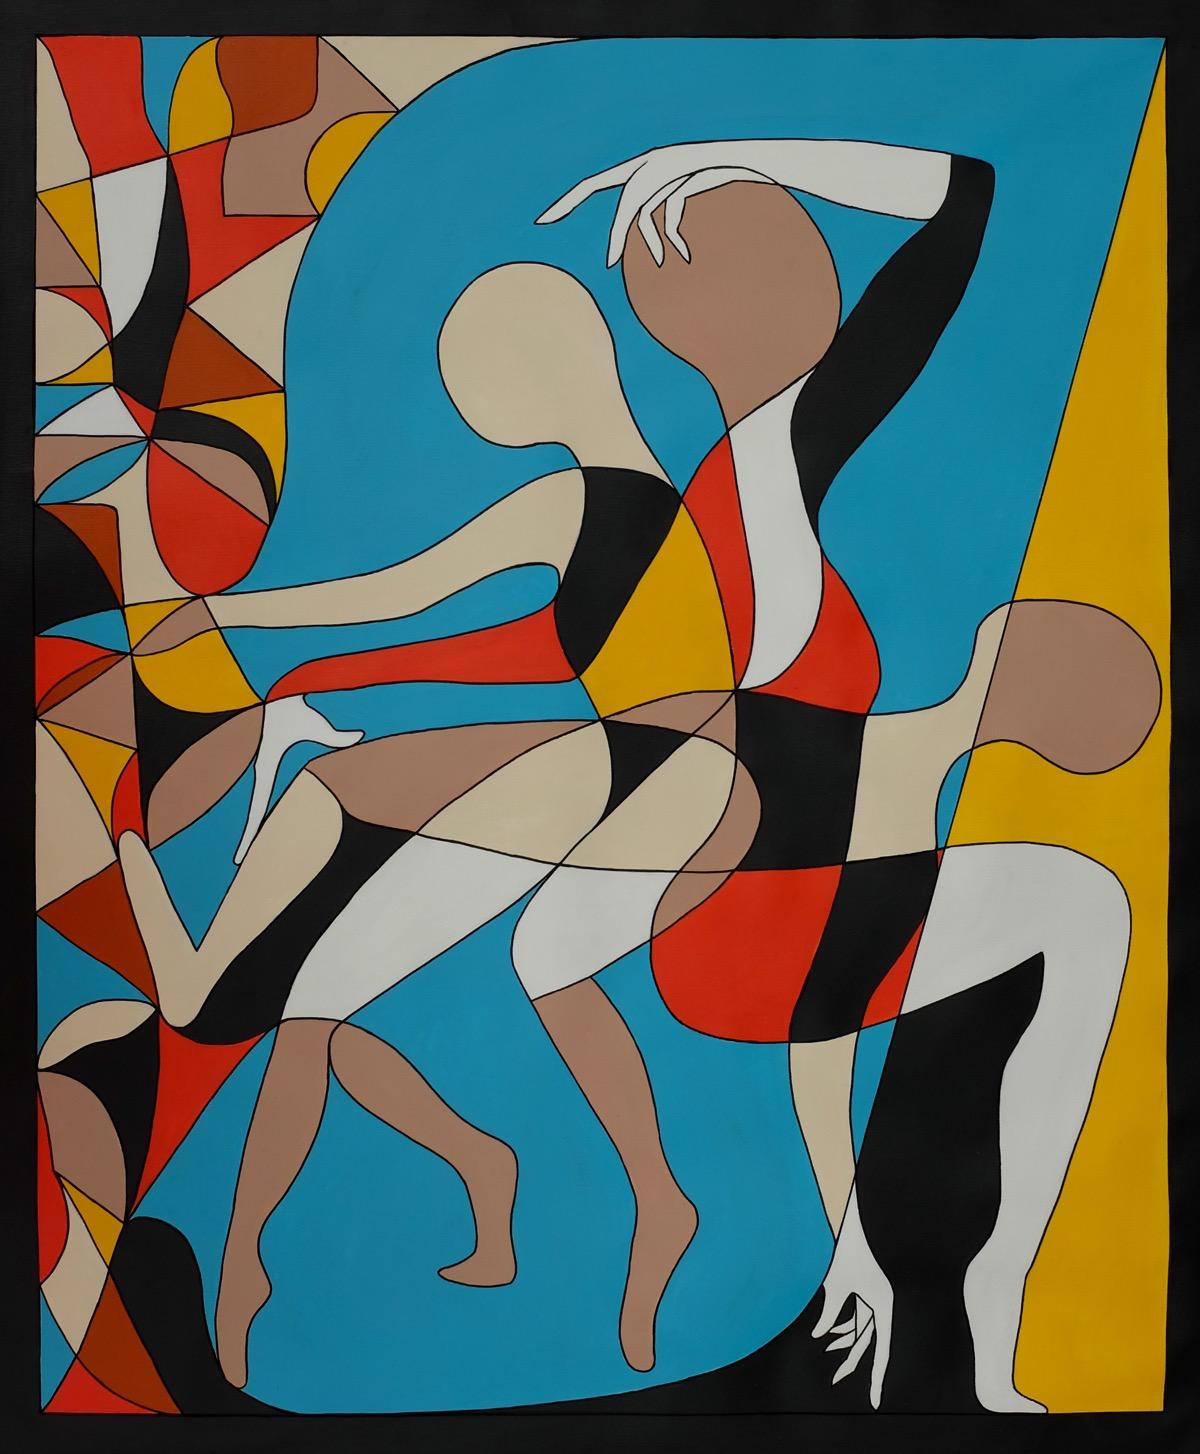 Equilibrium - 84 cm x 103 cm